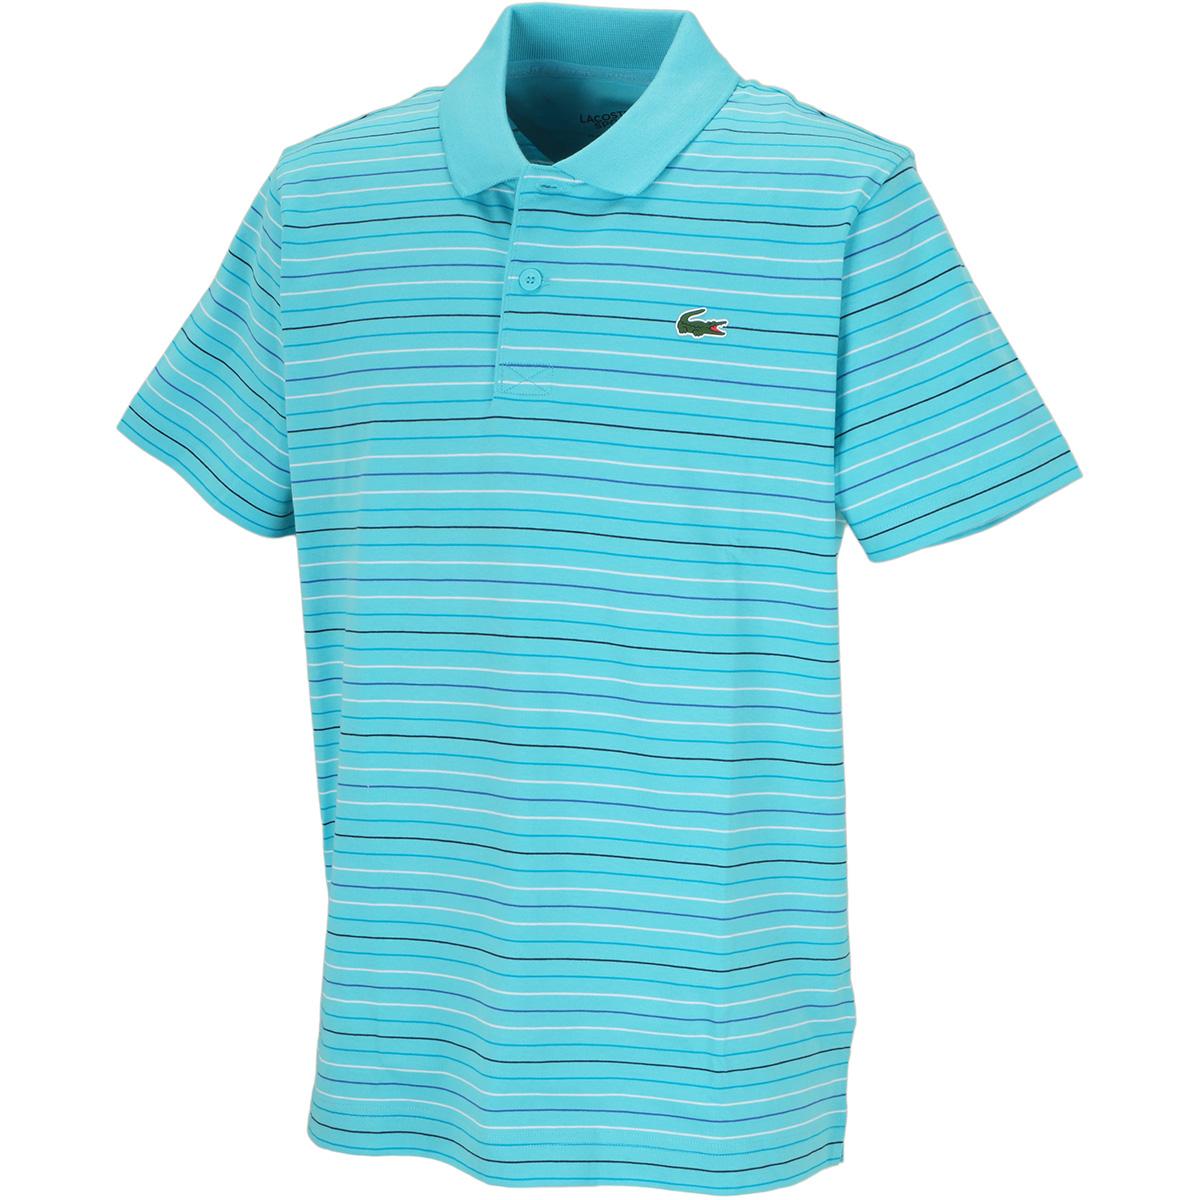 マルチカラーストライプ半袖ポロシャツ